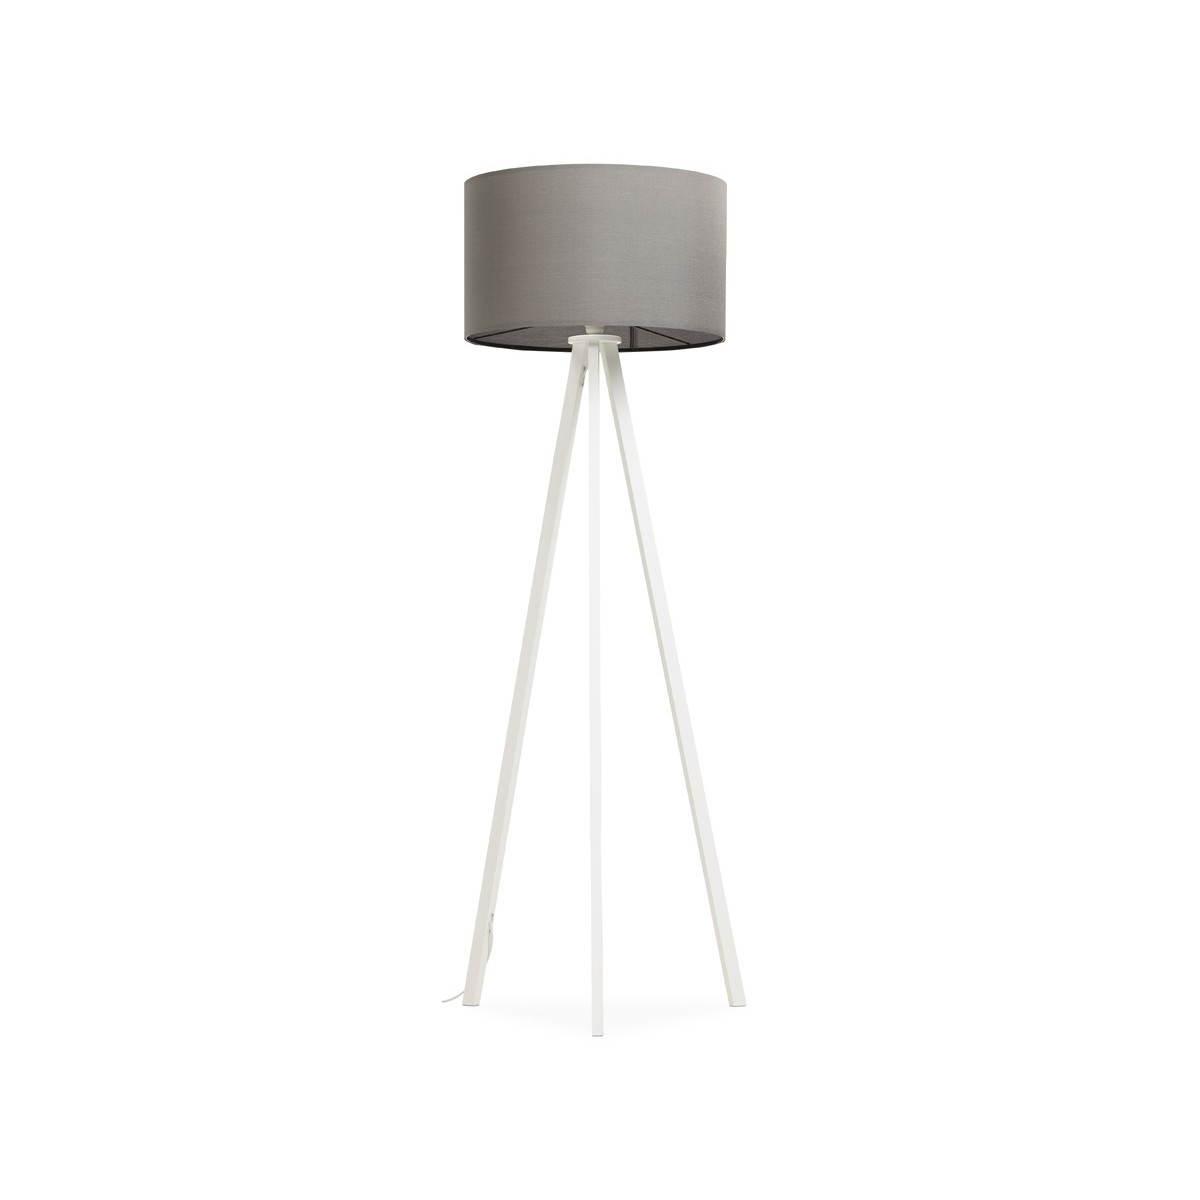 lampe sur pied de style scandinave trani en tissu gris blanc amp story 3595